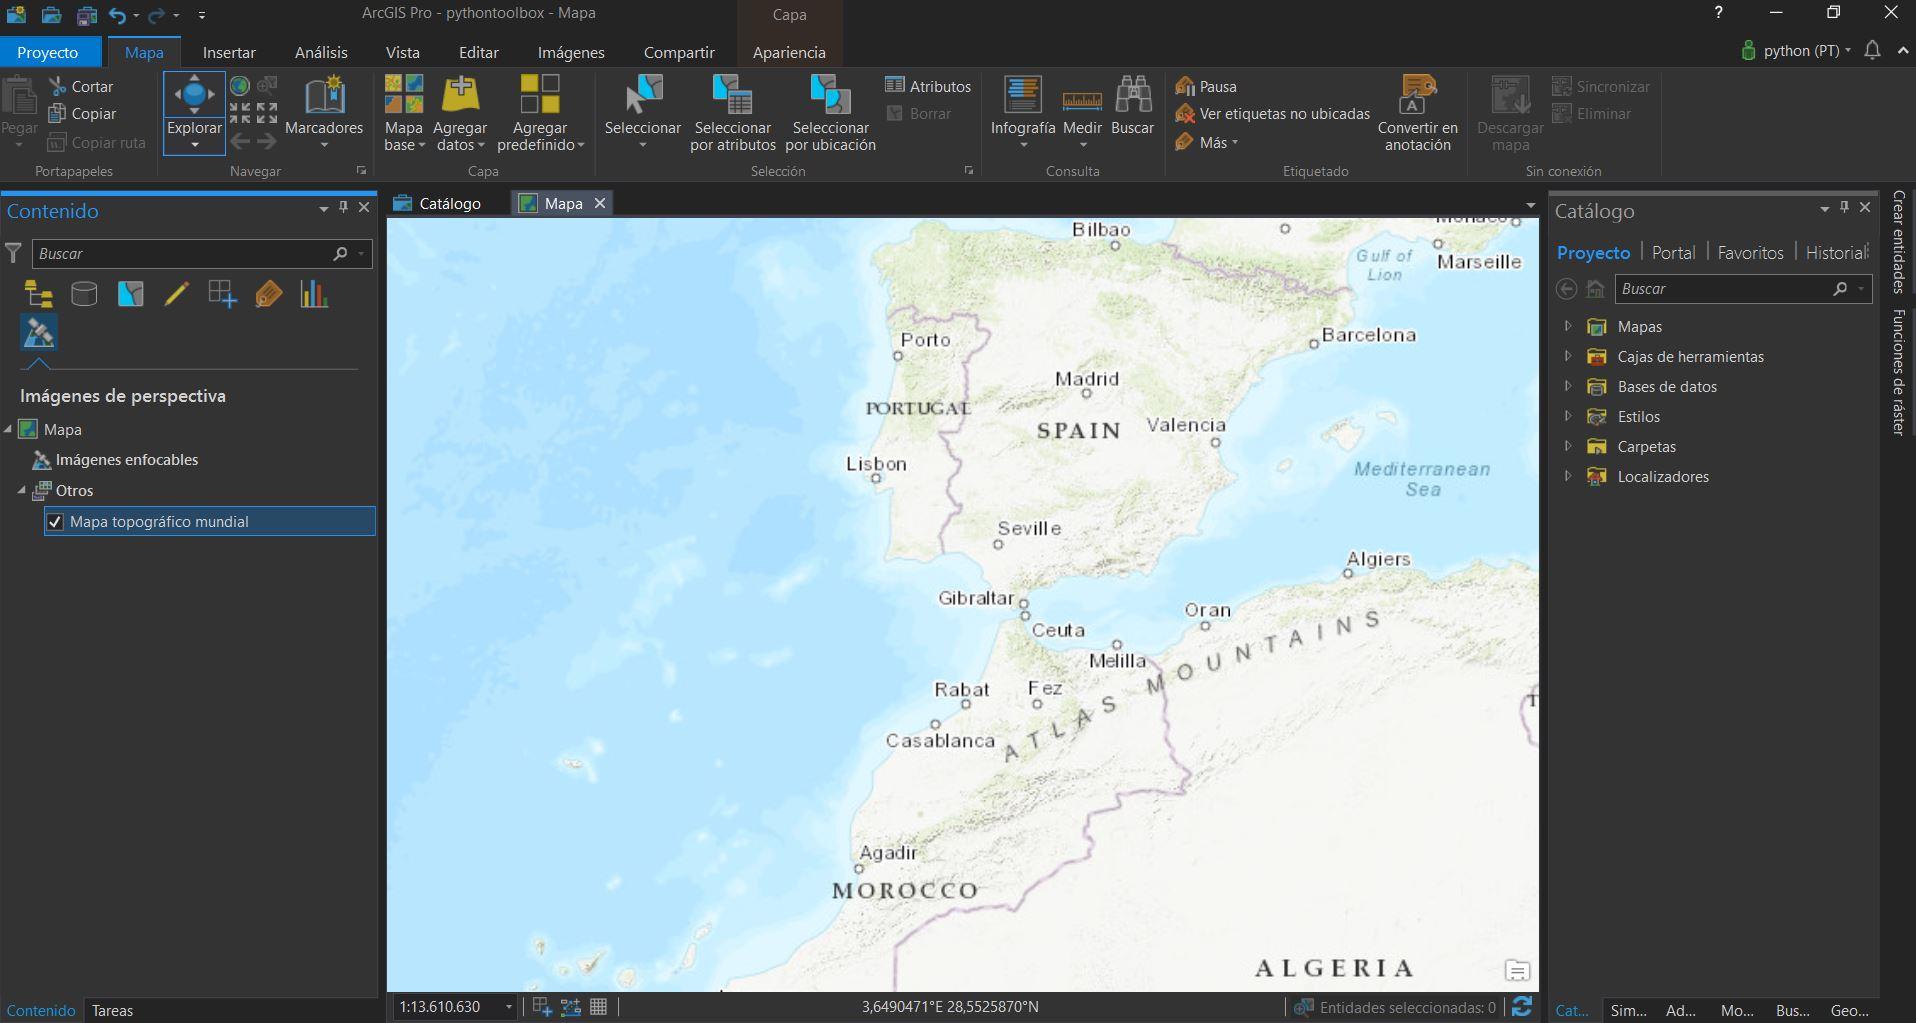 Herramientas para trabajar con Python e imágenes satélite en